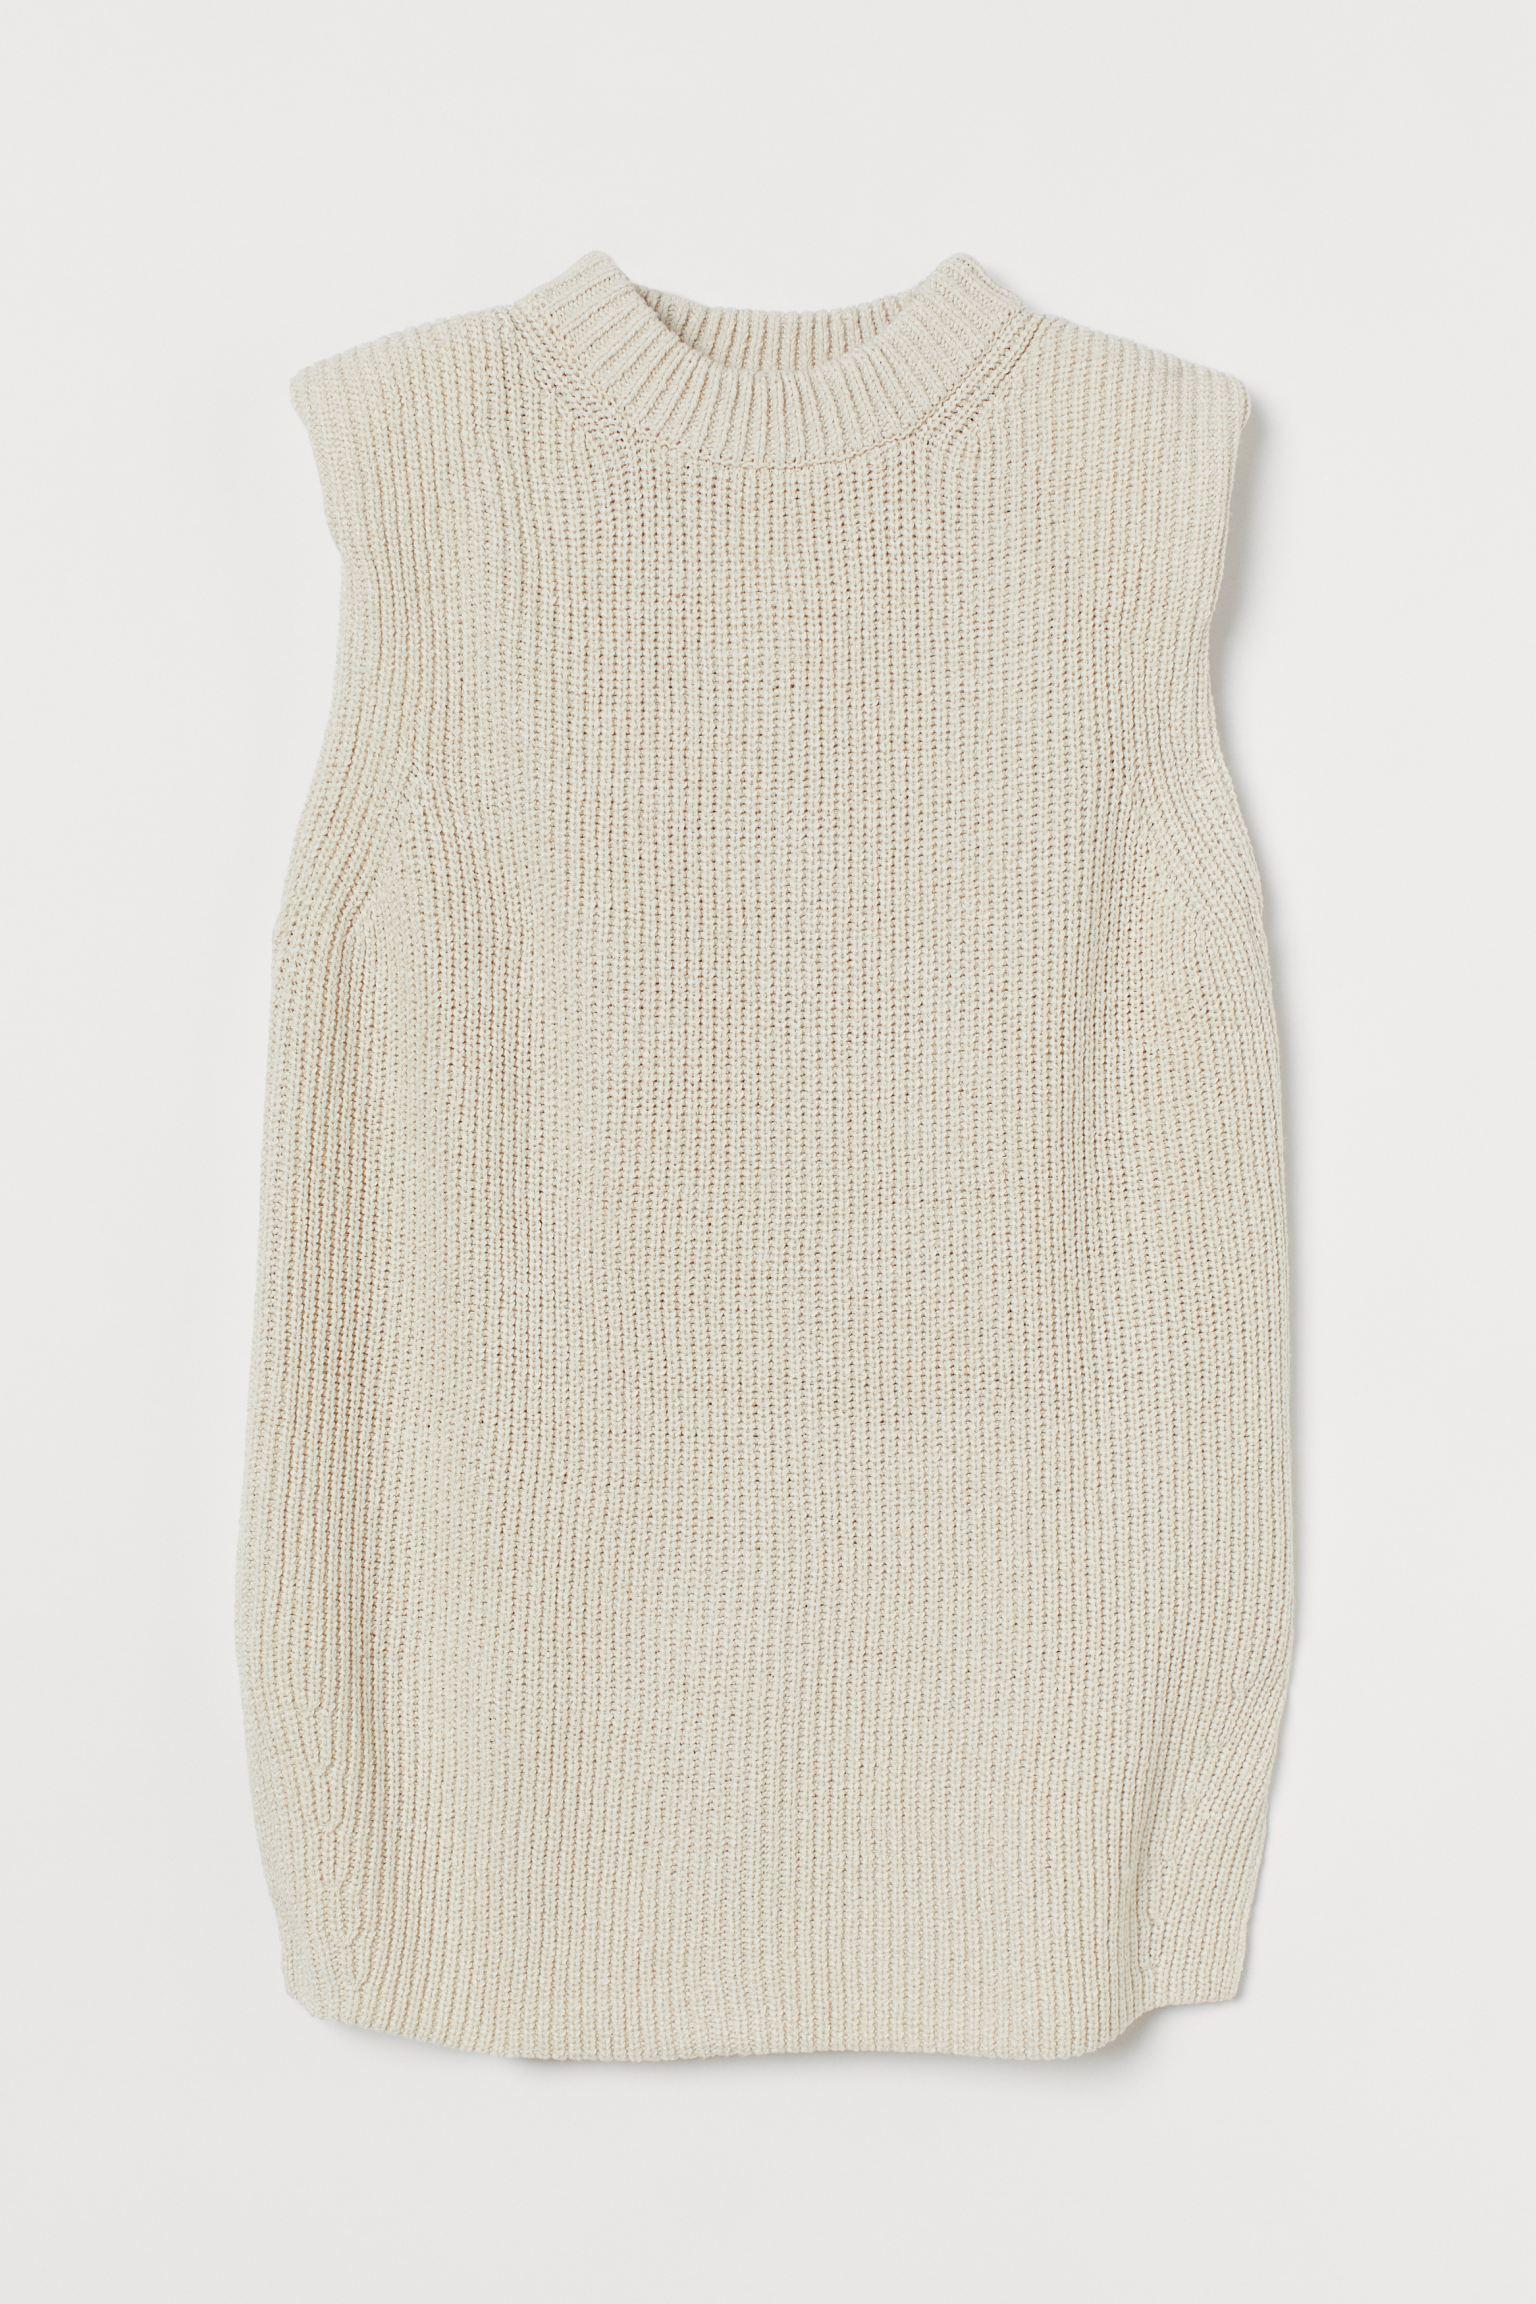 Suéter sin mangas en punto de canalé. Modelo oversize con hombreras, cuello de canalé y bajo recto con aberturas laterales inclinadas.